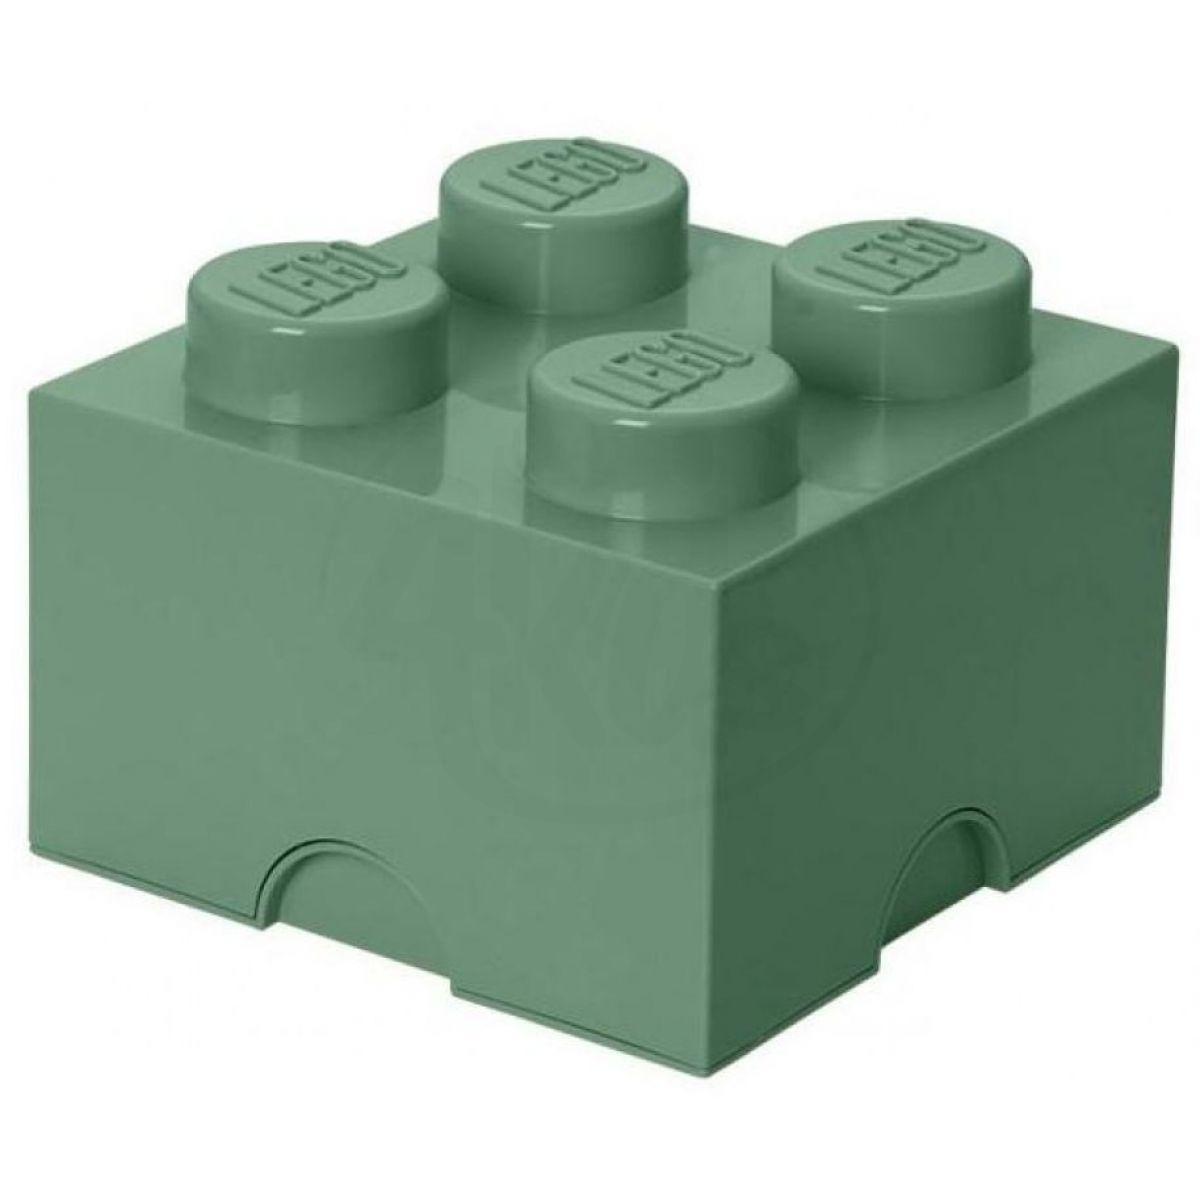 LEGO Úložný box 25 x 25 x 18 cm Army zelená